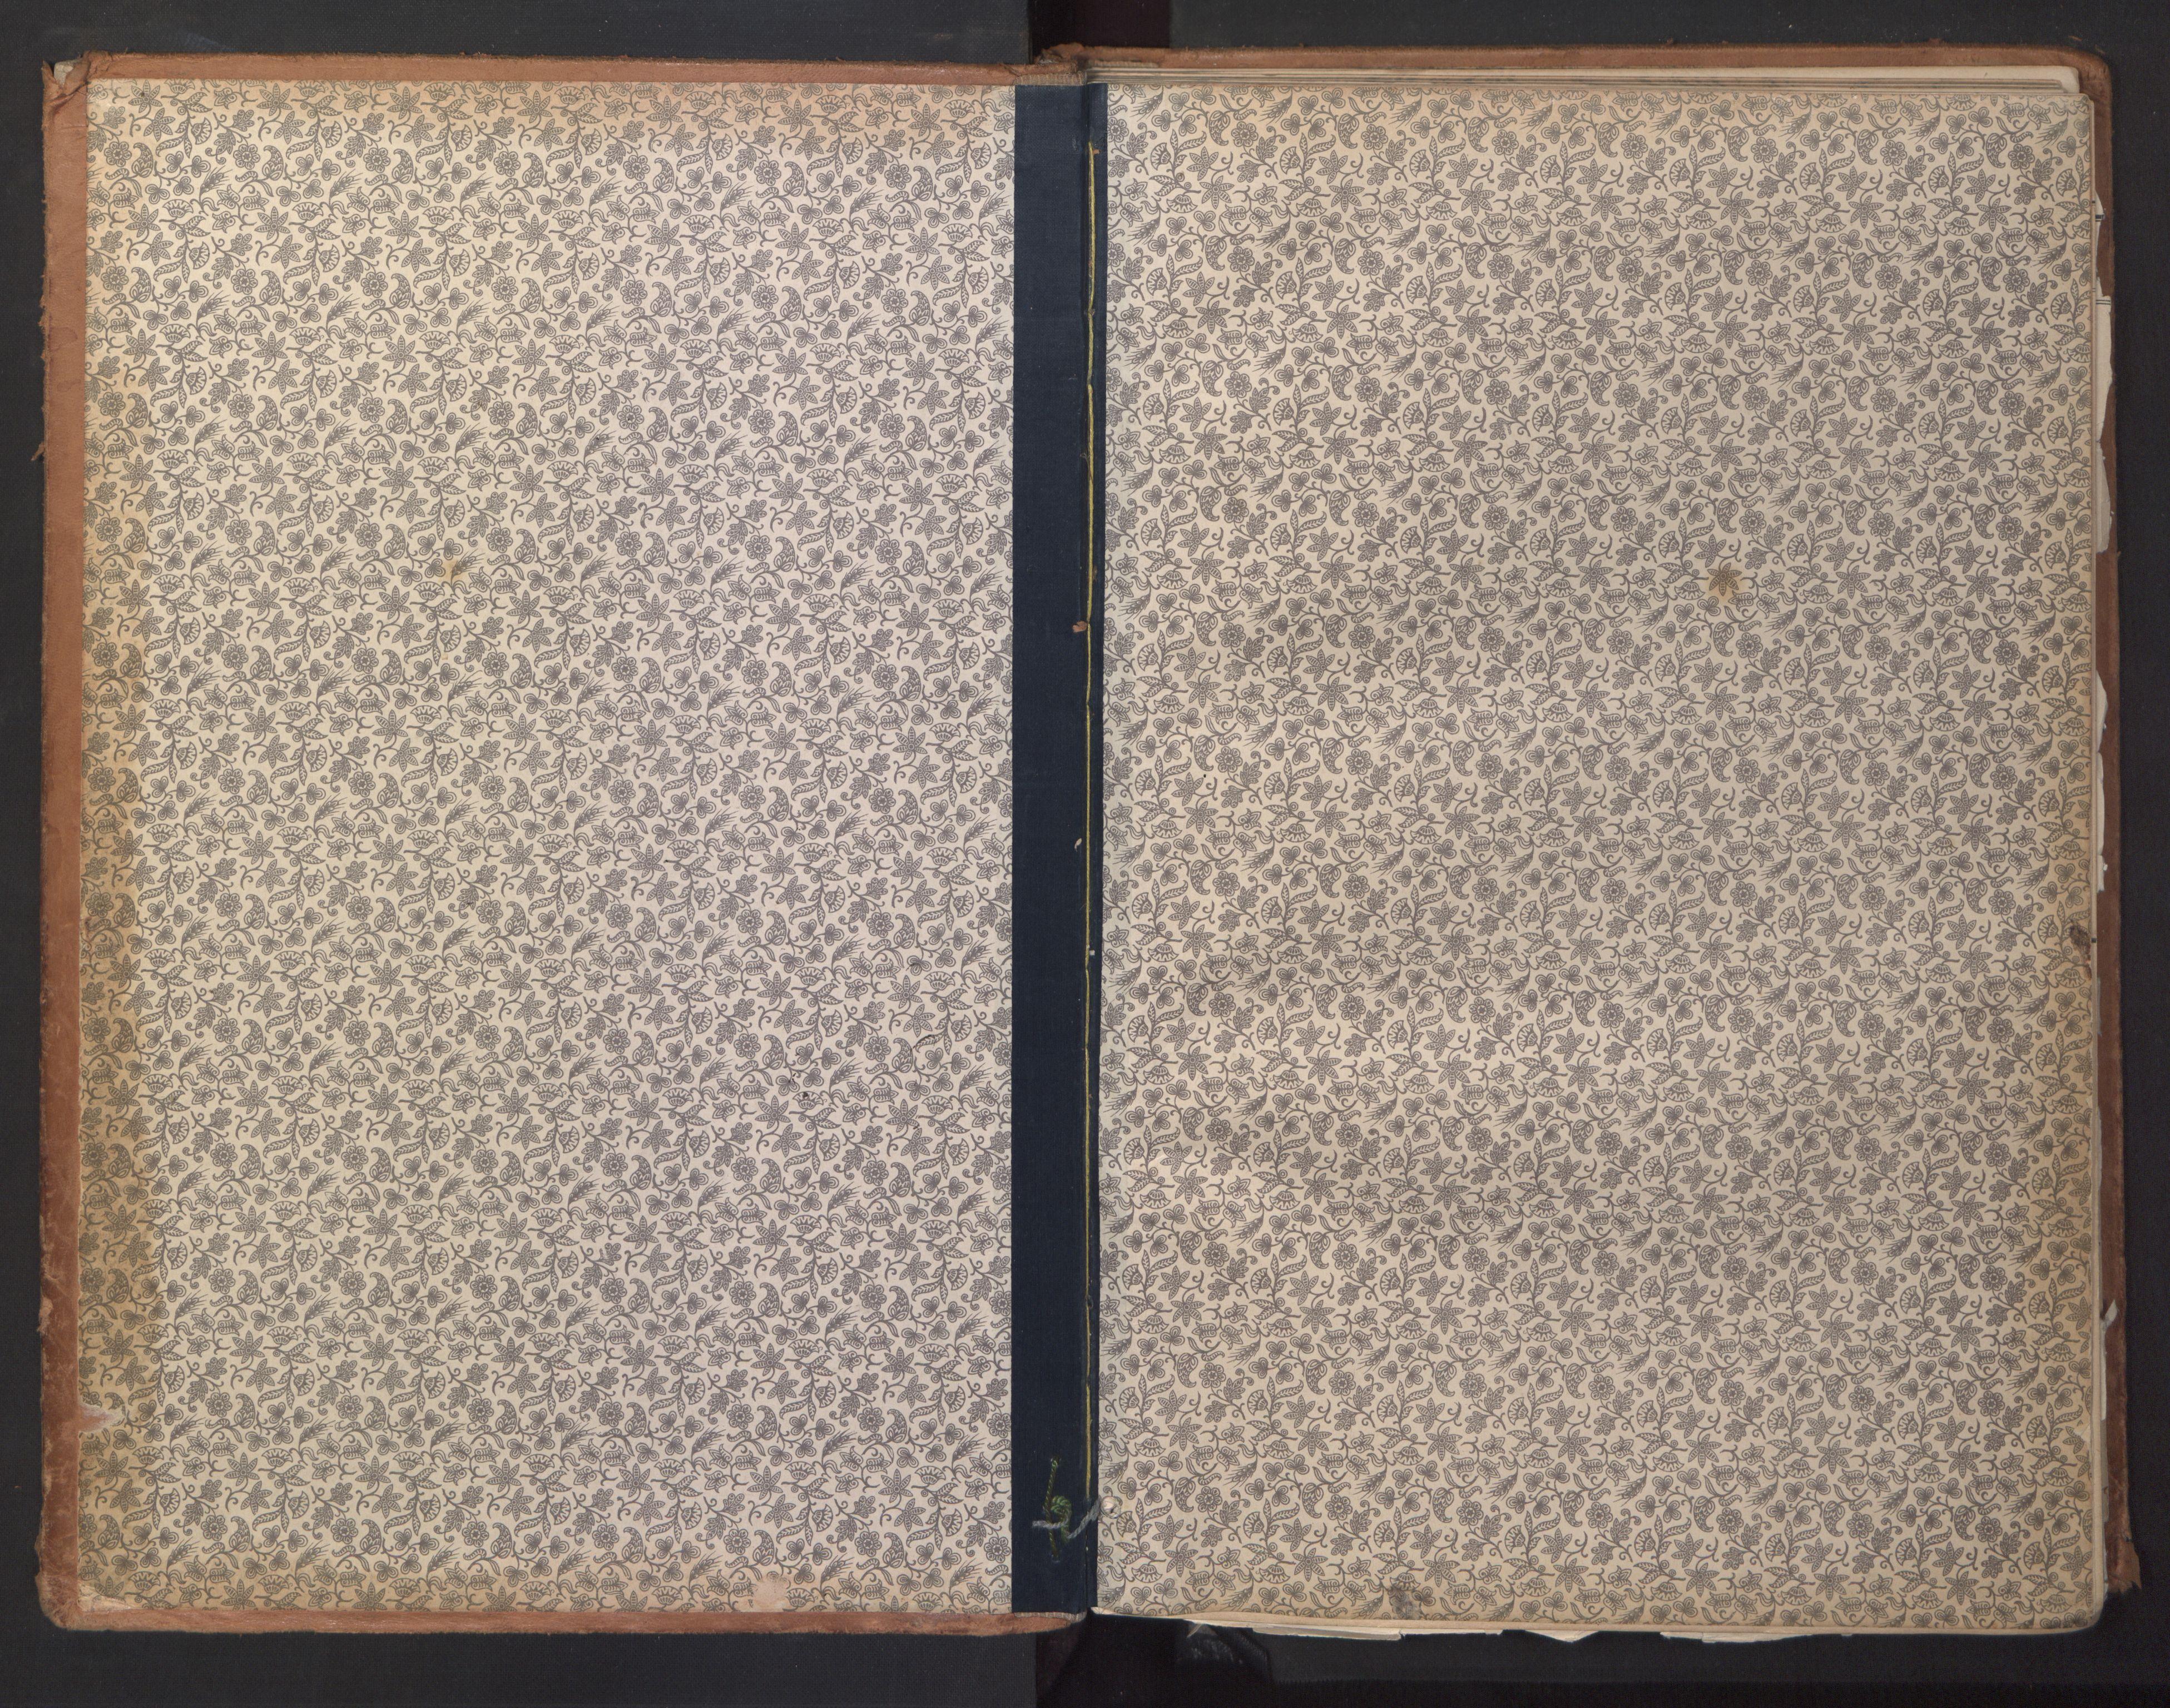 SAT, Ministerialprotokoller, klokkerbøker og fødselsregistre - Sør-Trøndelag, 618/L0448: Ministerialbok nr. 618A11, 1898-1916